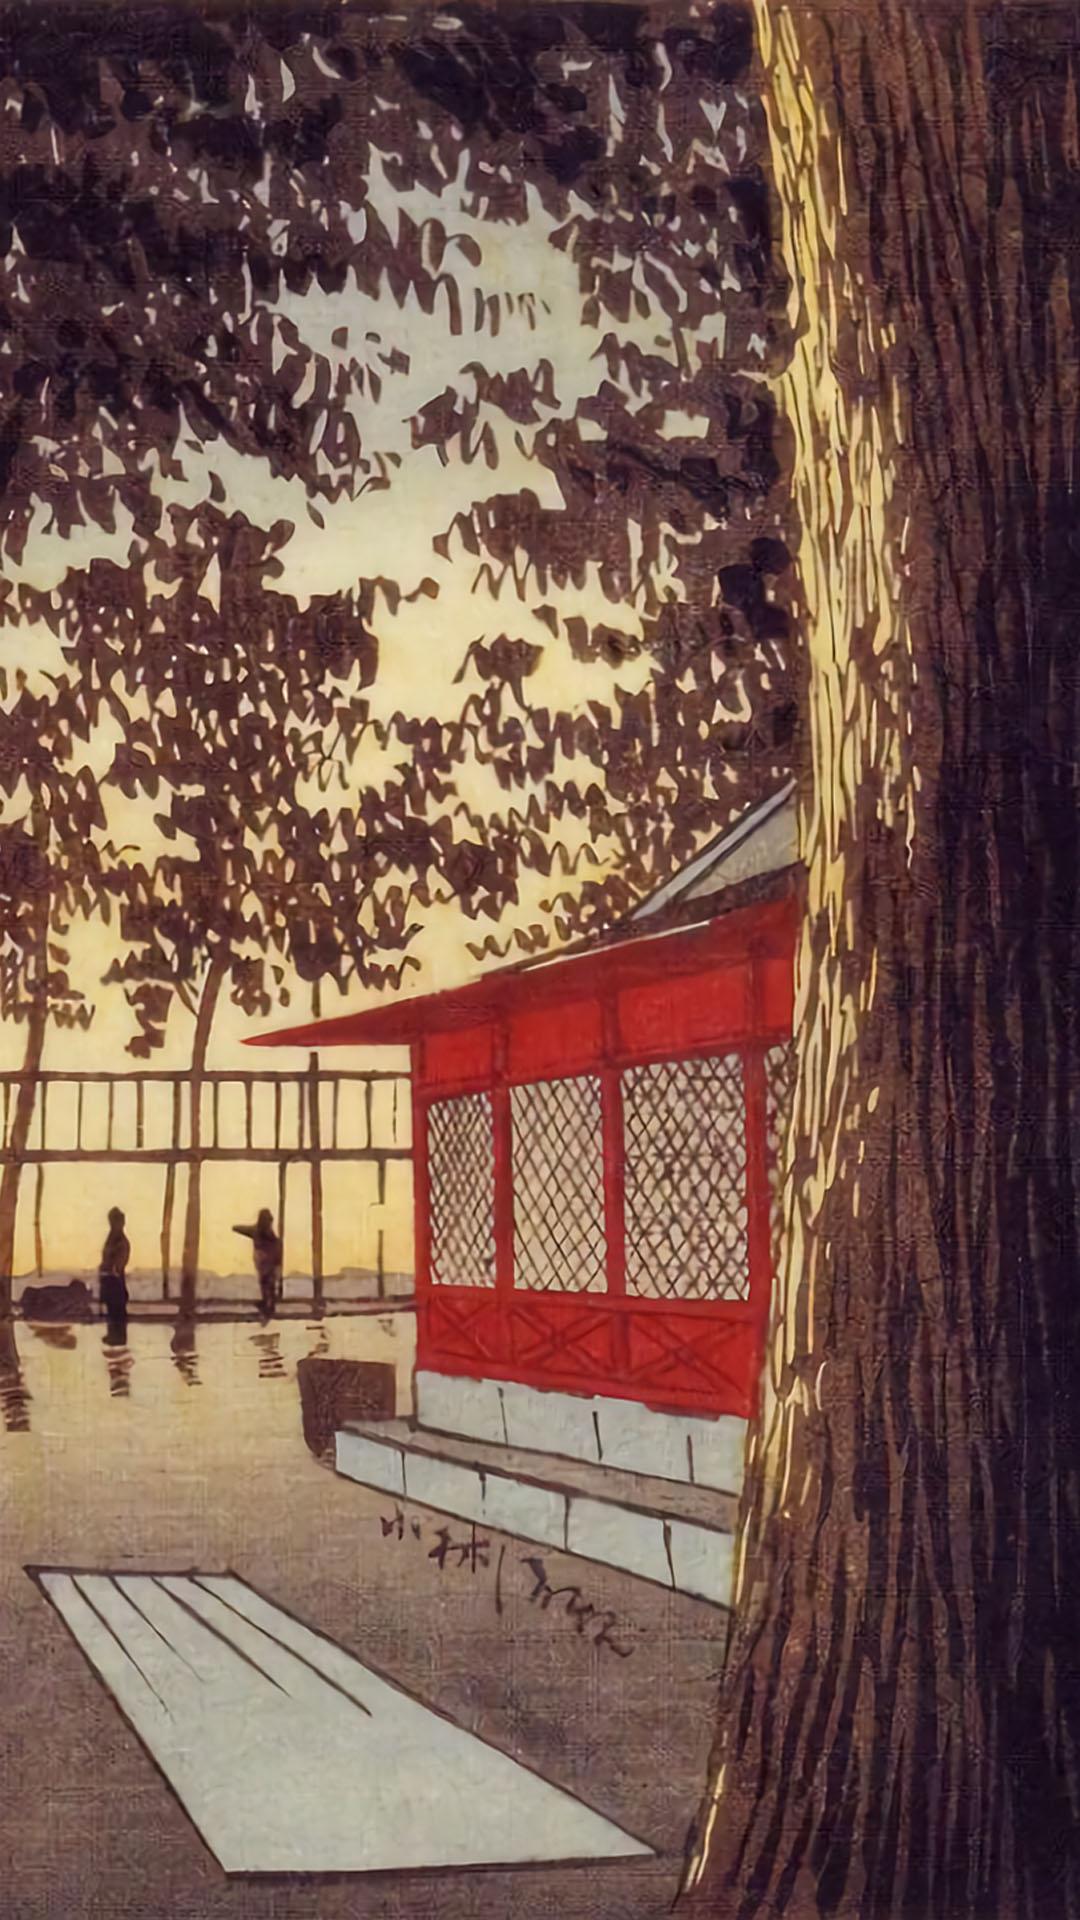 Kobayashi Kiyochika - Kanda yakumo jinja akatsuki 1080x1920